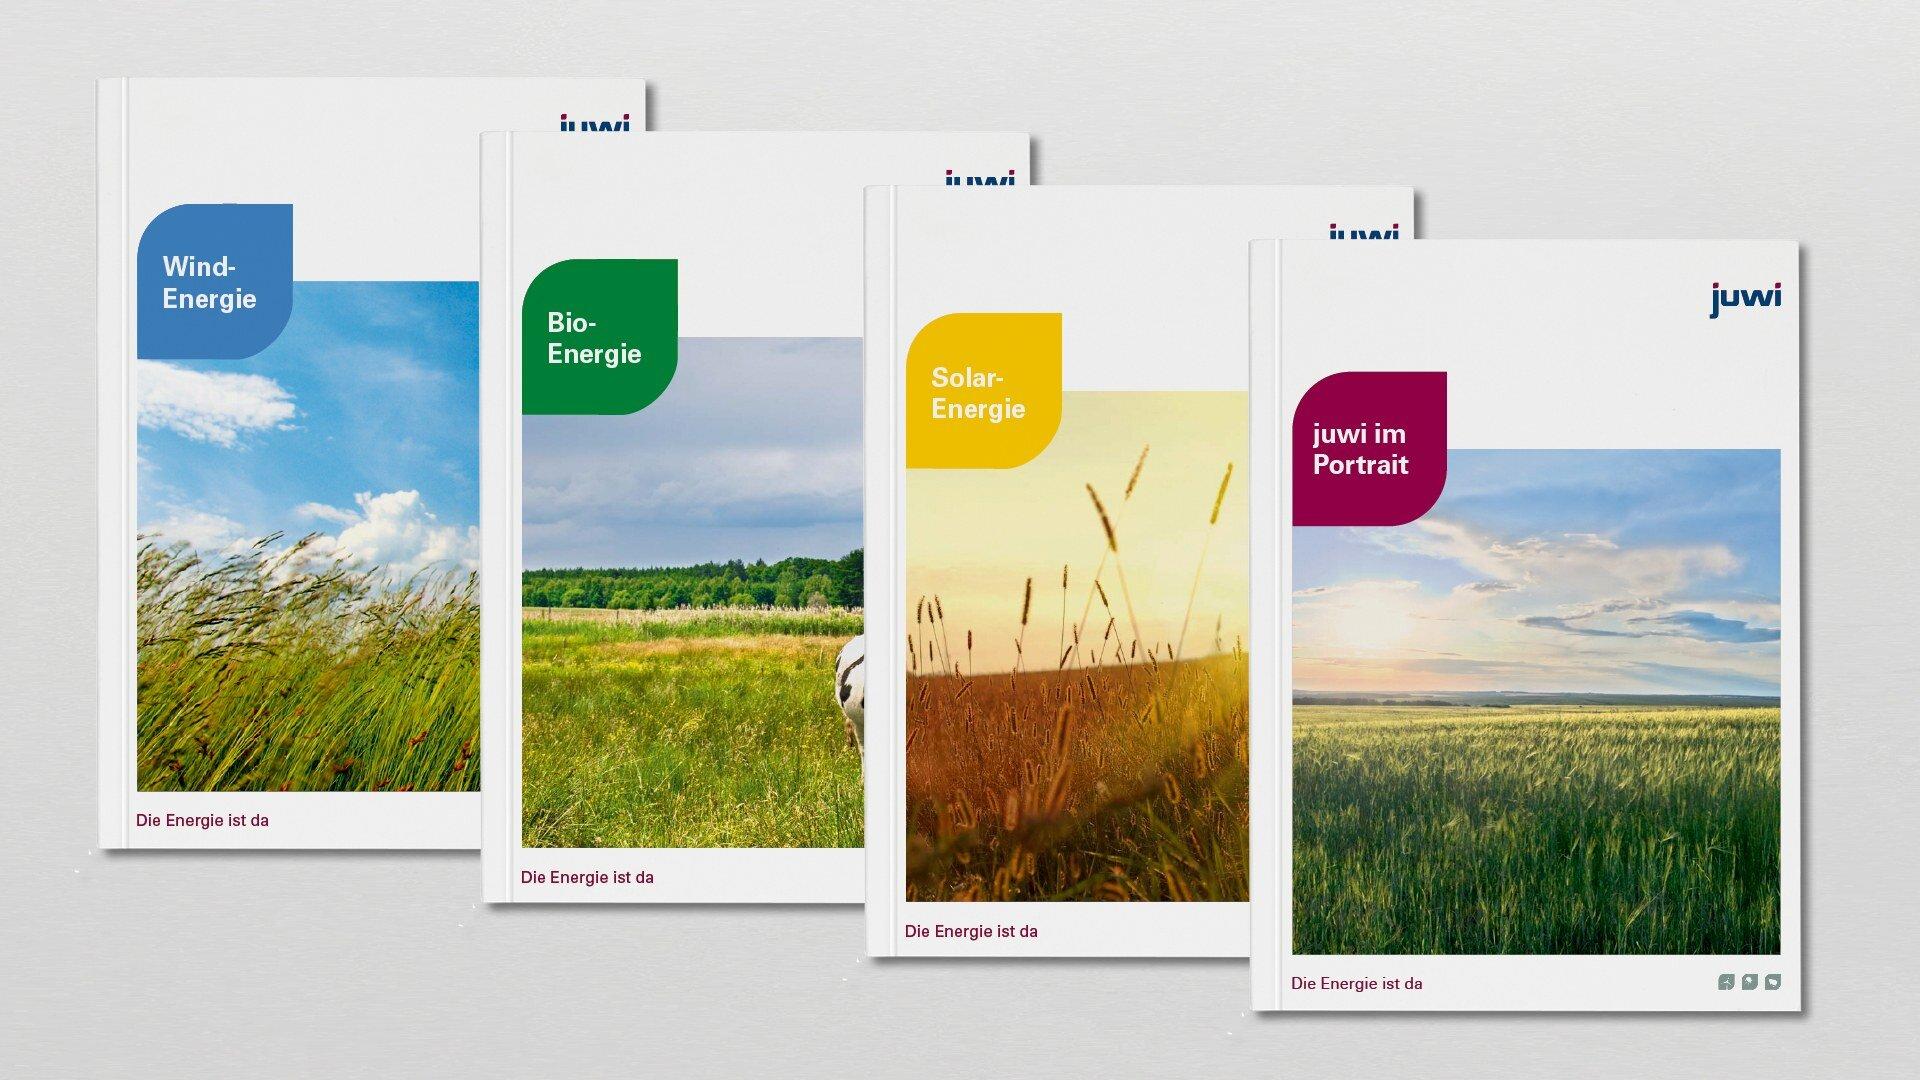 Juwi Editorial Design für die Bereiche Solar-, Wind- und Bioenergie